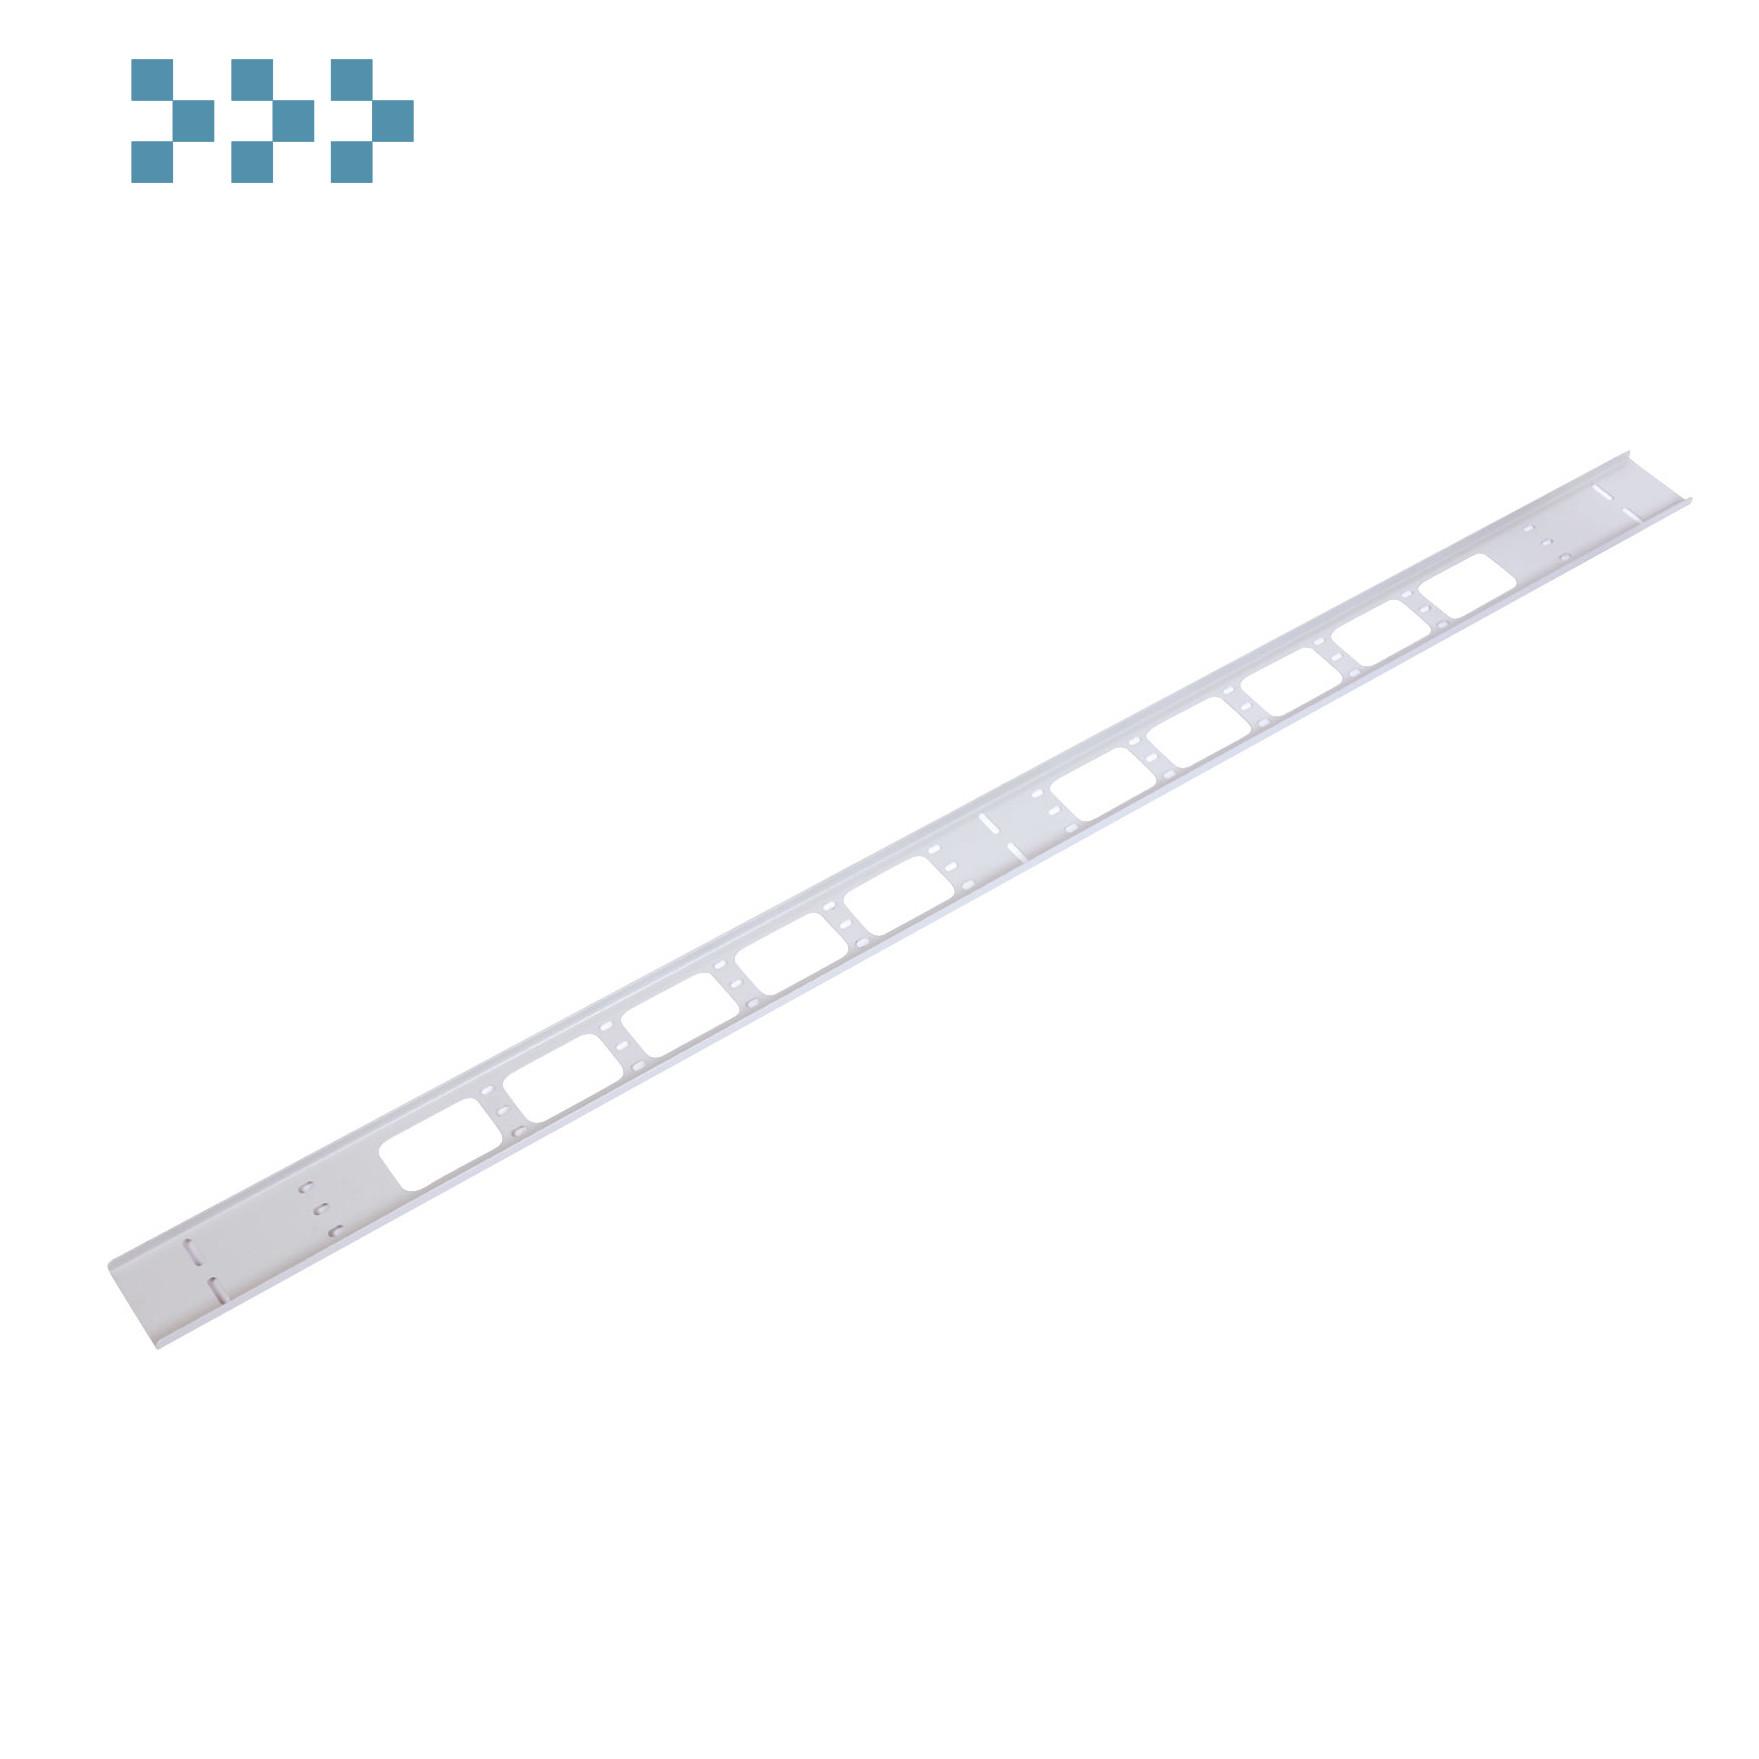 Органайзер кабельный ЦМО ВКО-М-18.75